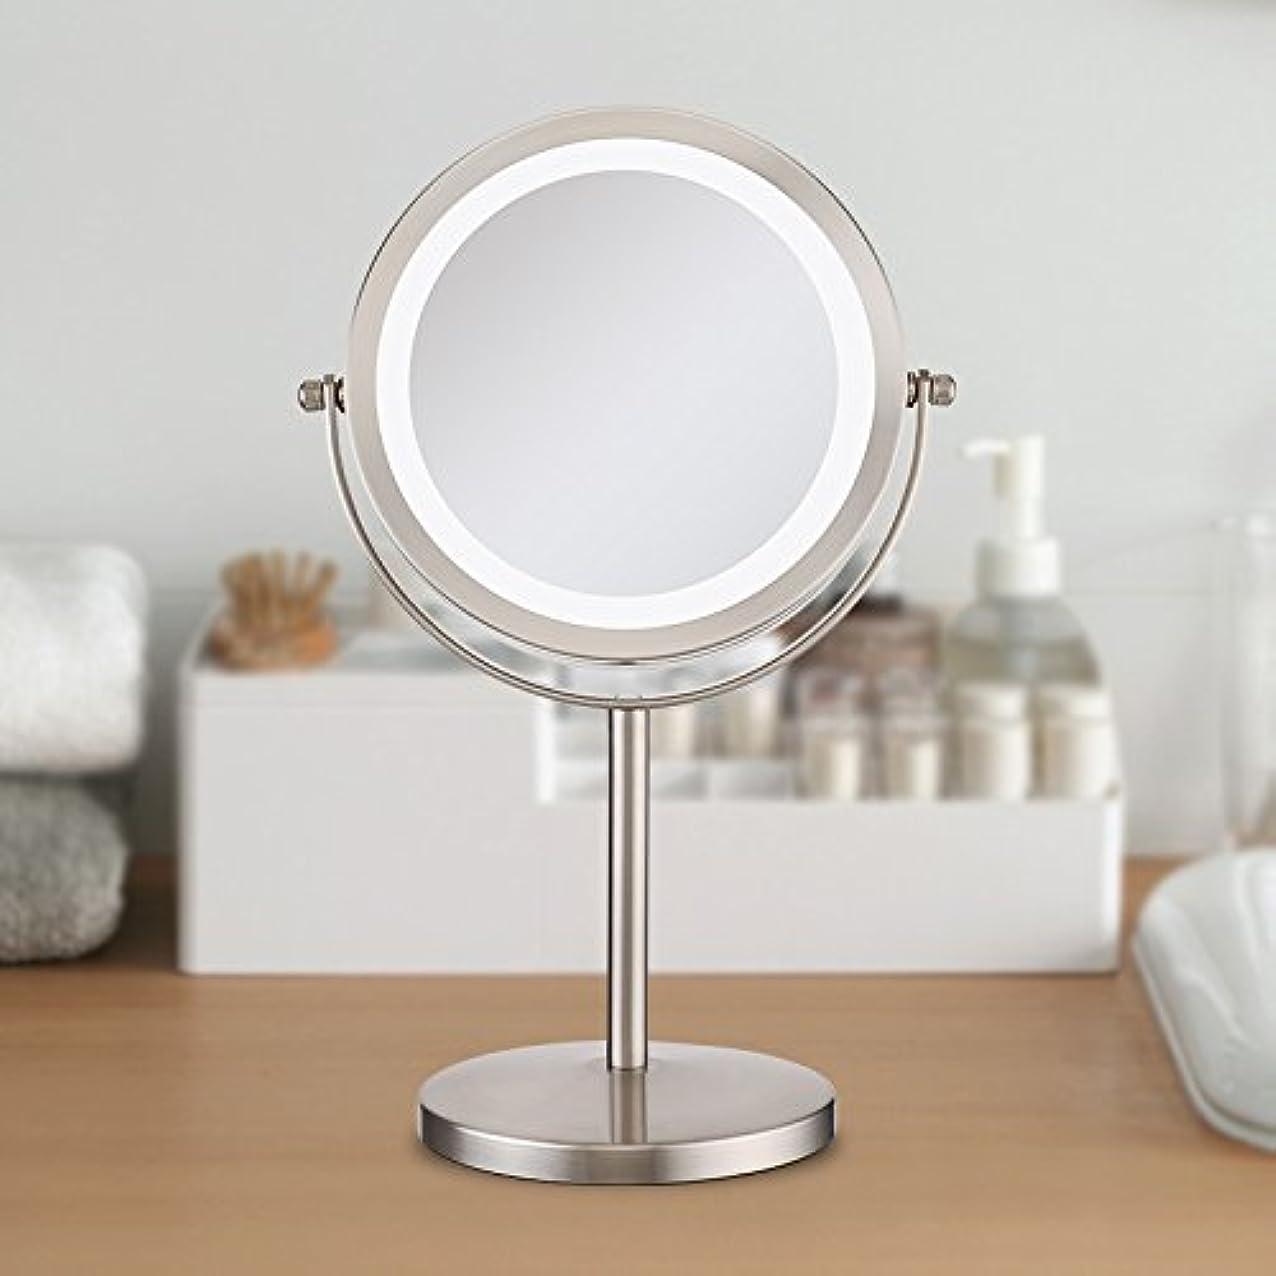 感覚配送スロー(セーディコ)Cerdeco 真実の北欧風卓上鏡DX LEDライト付き 10倍拡大率 両面化粧鏡 真実の鏡DX スタンドミラー 鏡面φ178mm D710N